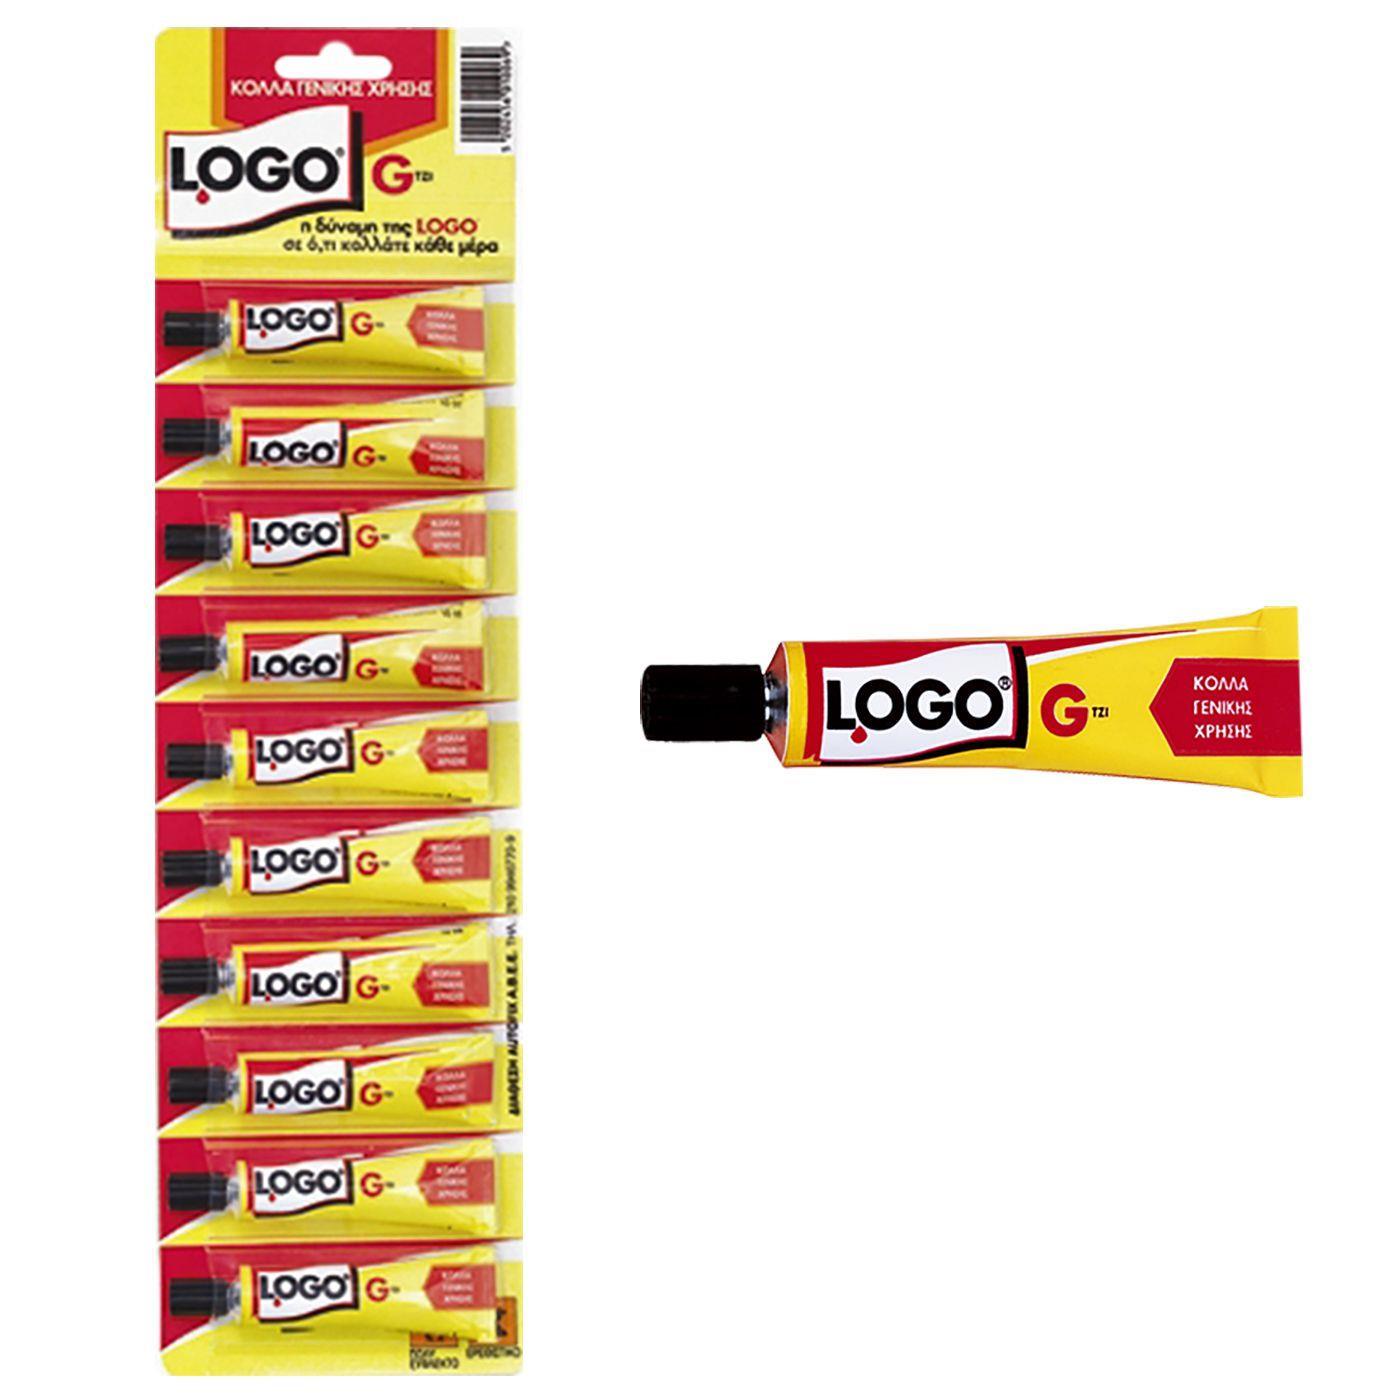 ΚΟΛΛΑ LOGGO G 10ml